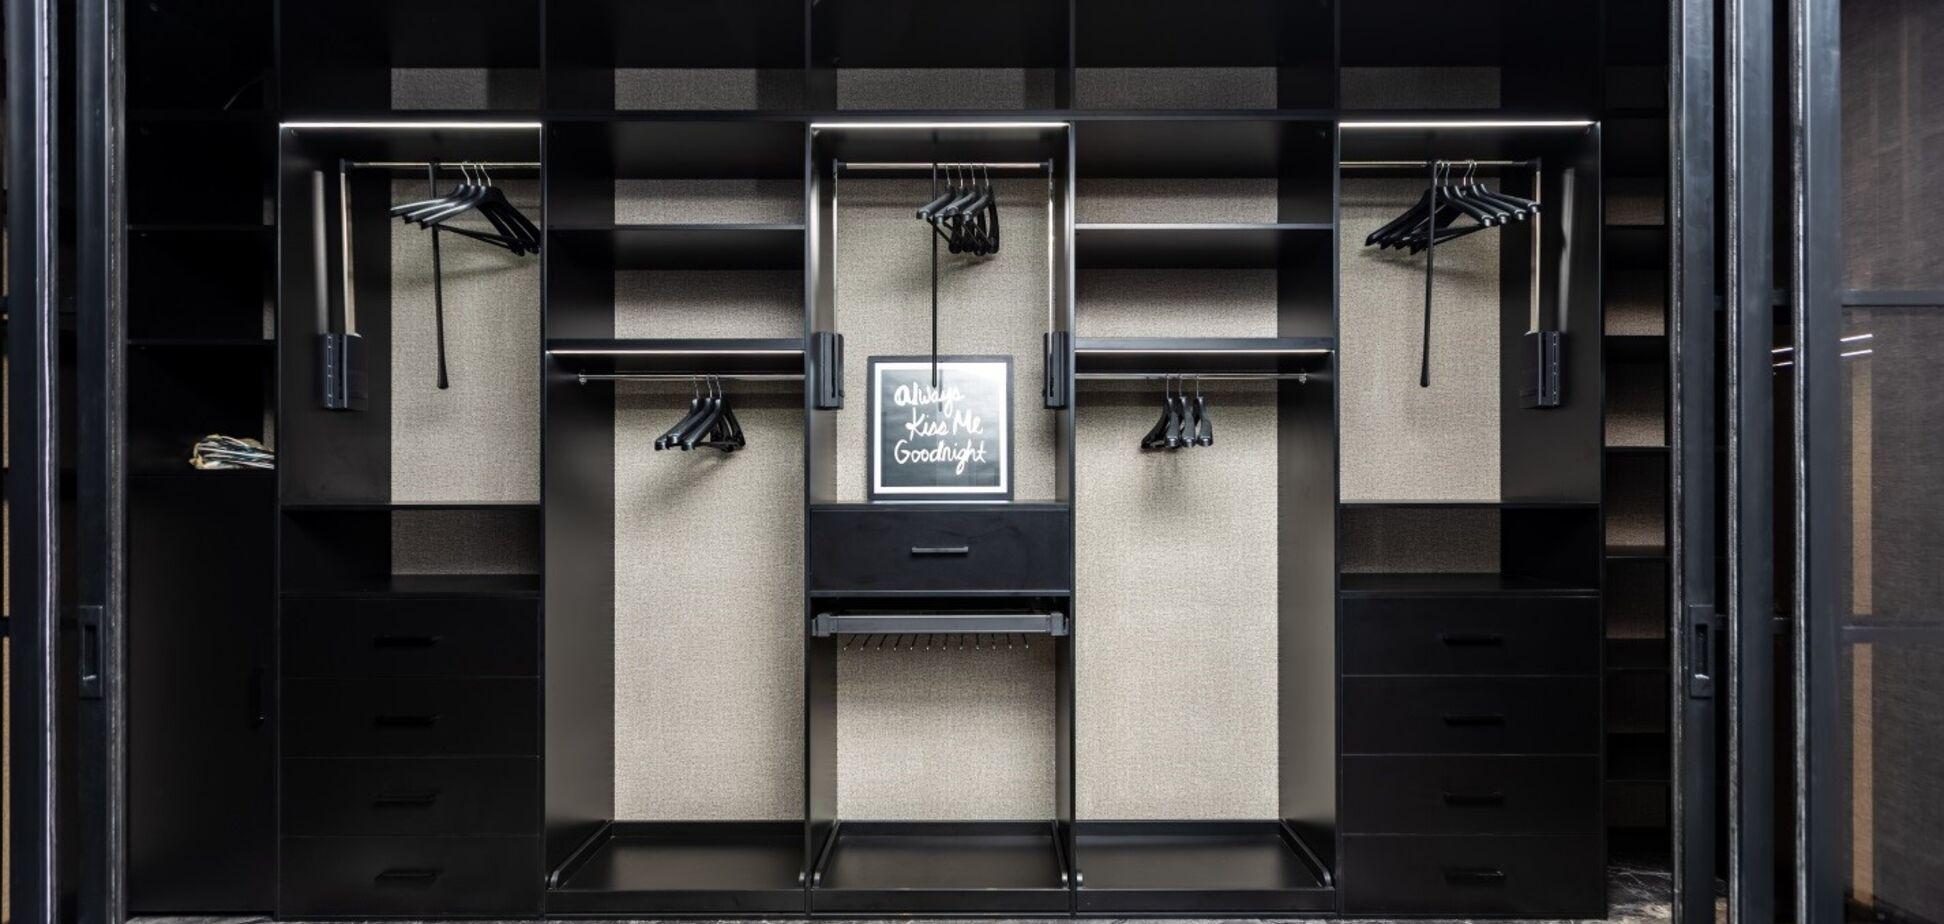 Названа мебель, якій віддають перевагу українські селебріті